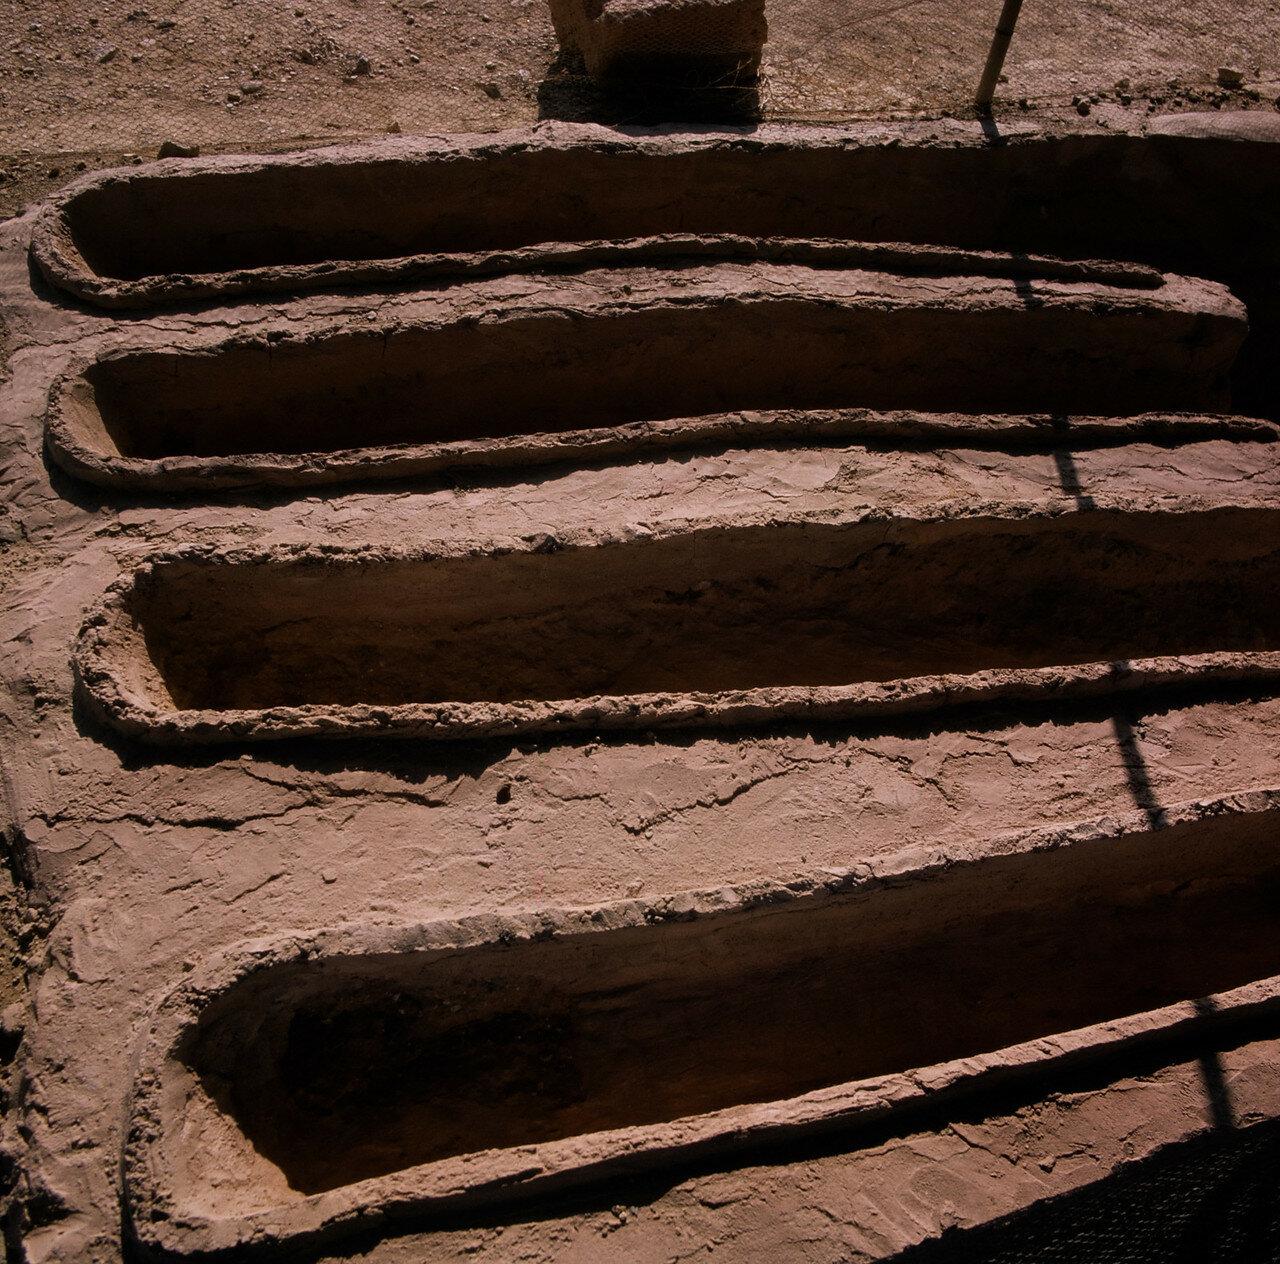 33. Терракотовые бадьи в северном крыле дворца, возможно связаны с бронзовым литейным производством